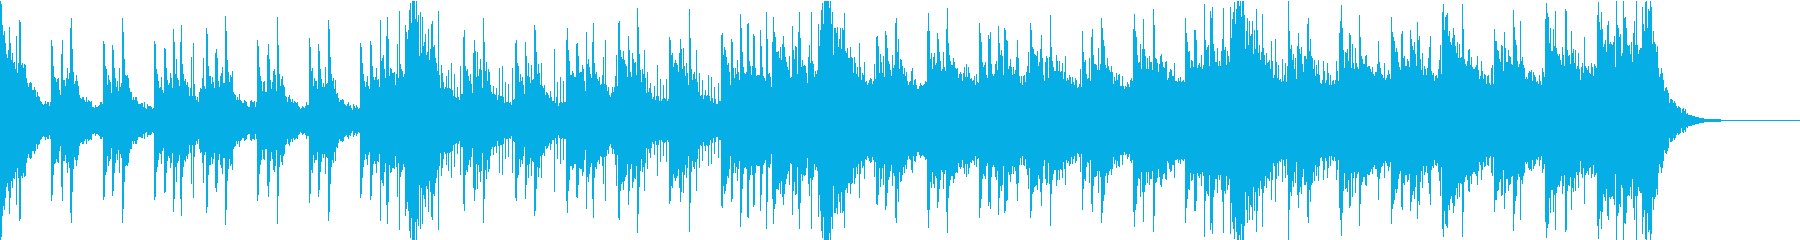 壮大なシネマティックのジングルの再生済みの波形